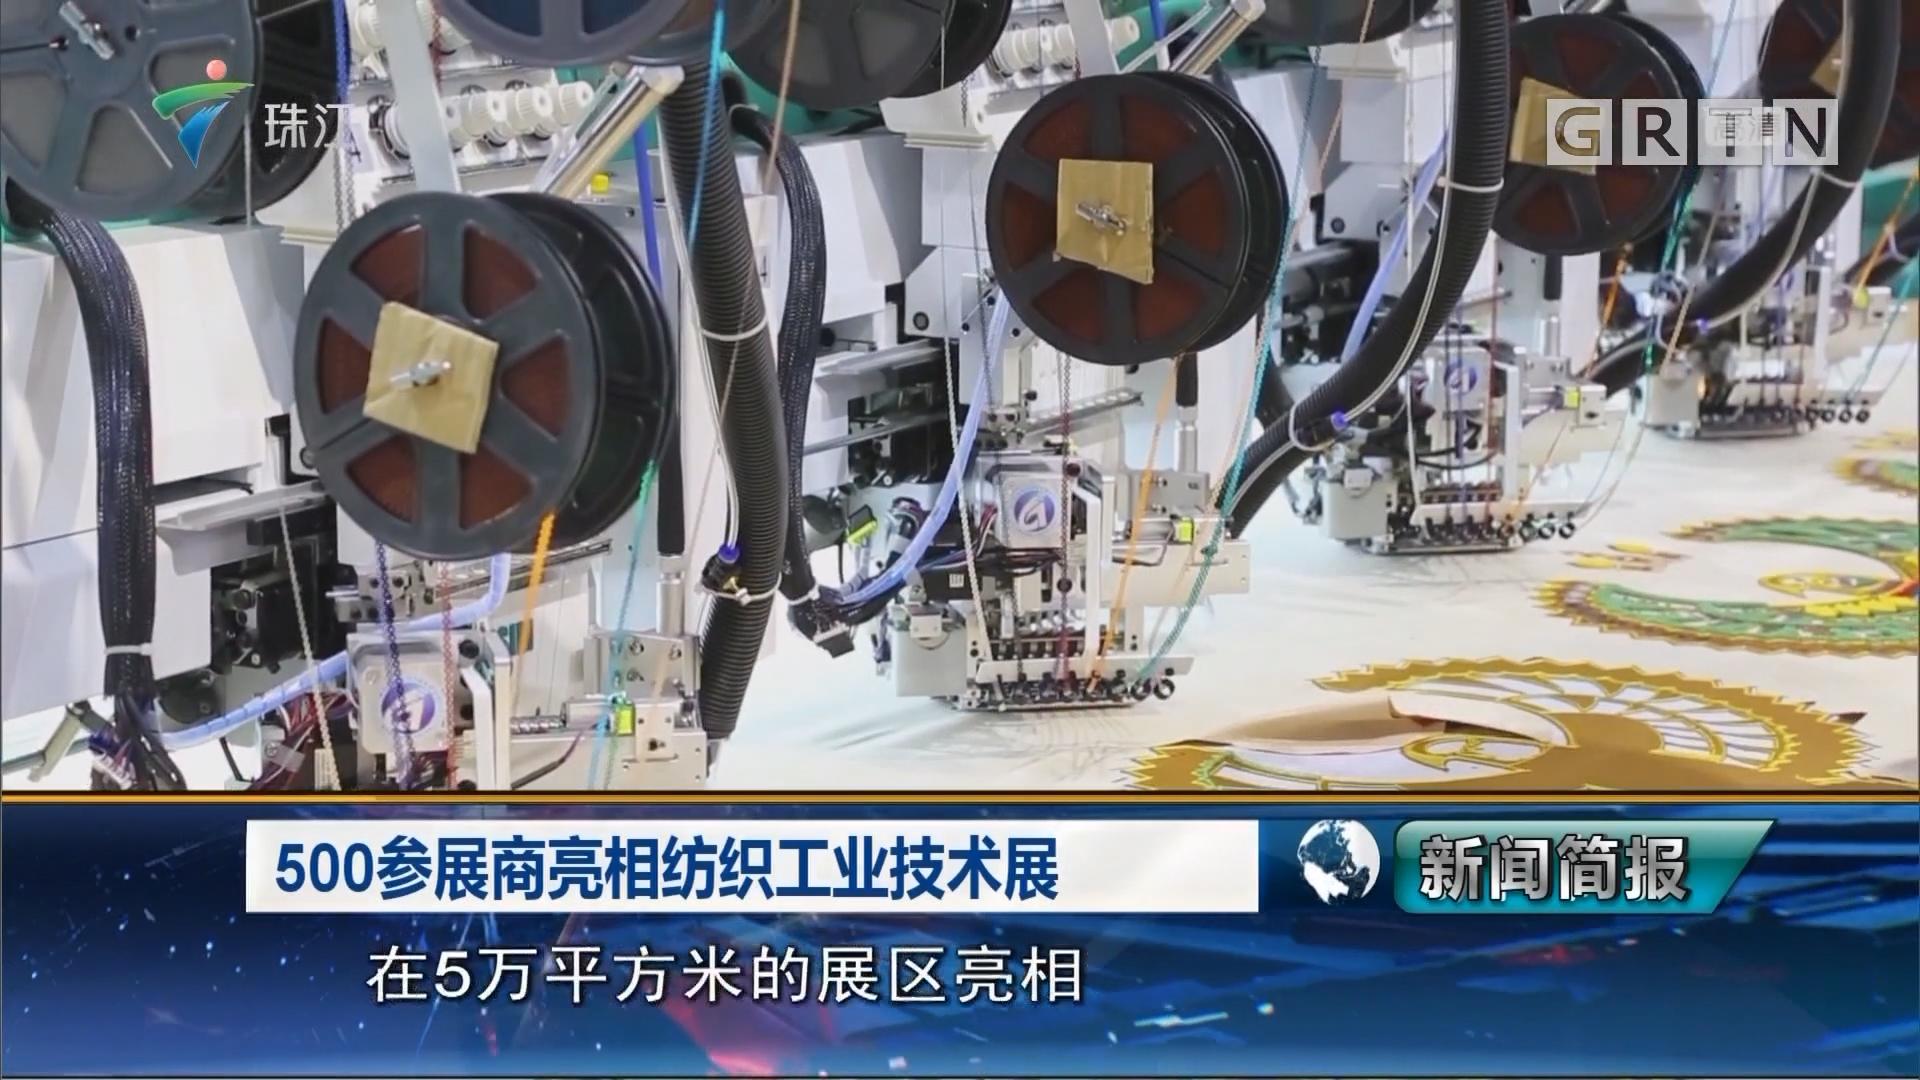 500参展商亮相纺织工业技术展